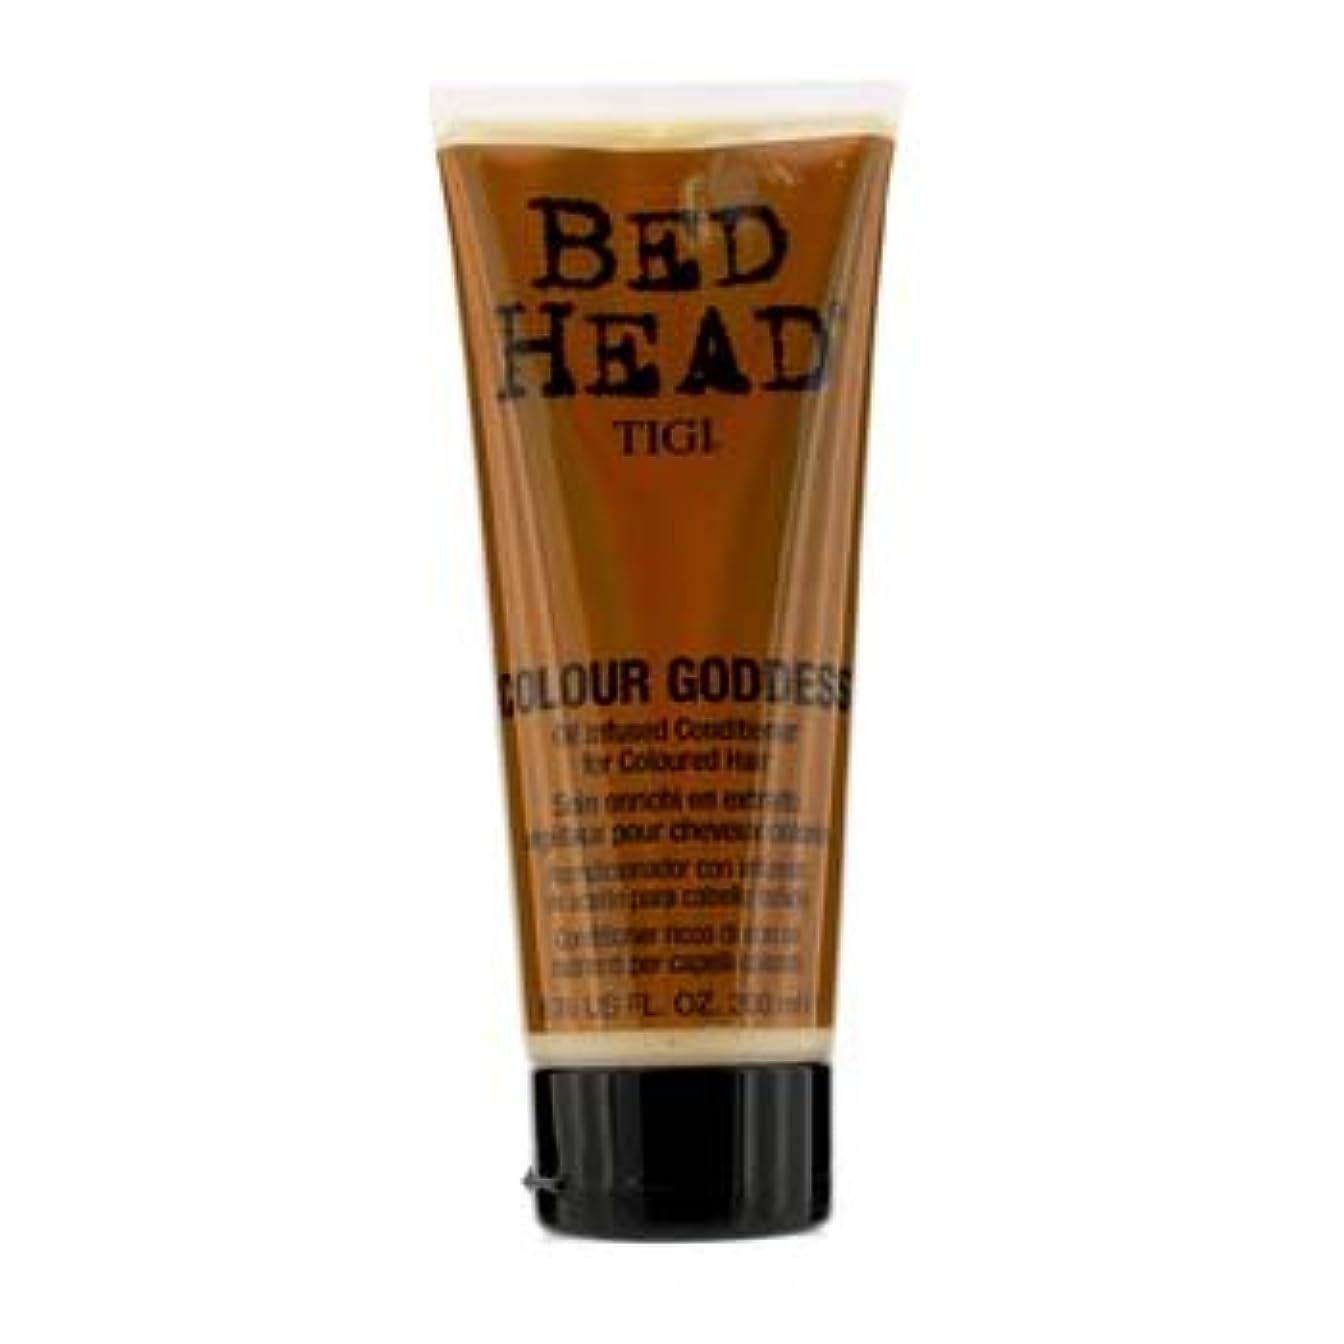 残酷なバンカー焦げ[Tigi] Bed Head Colour Goddess Oil Infused Conditioner (For Coloured Hair) 200ml/6.76oz